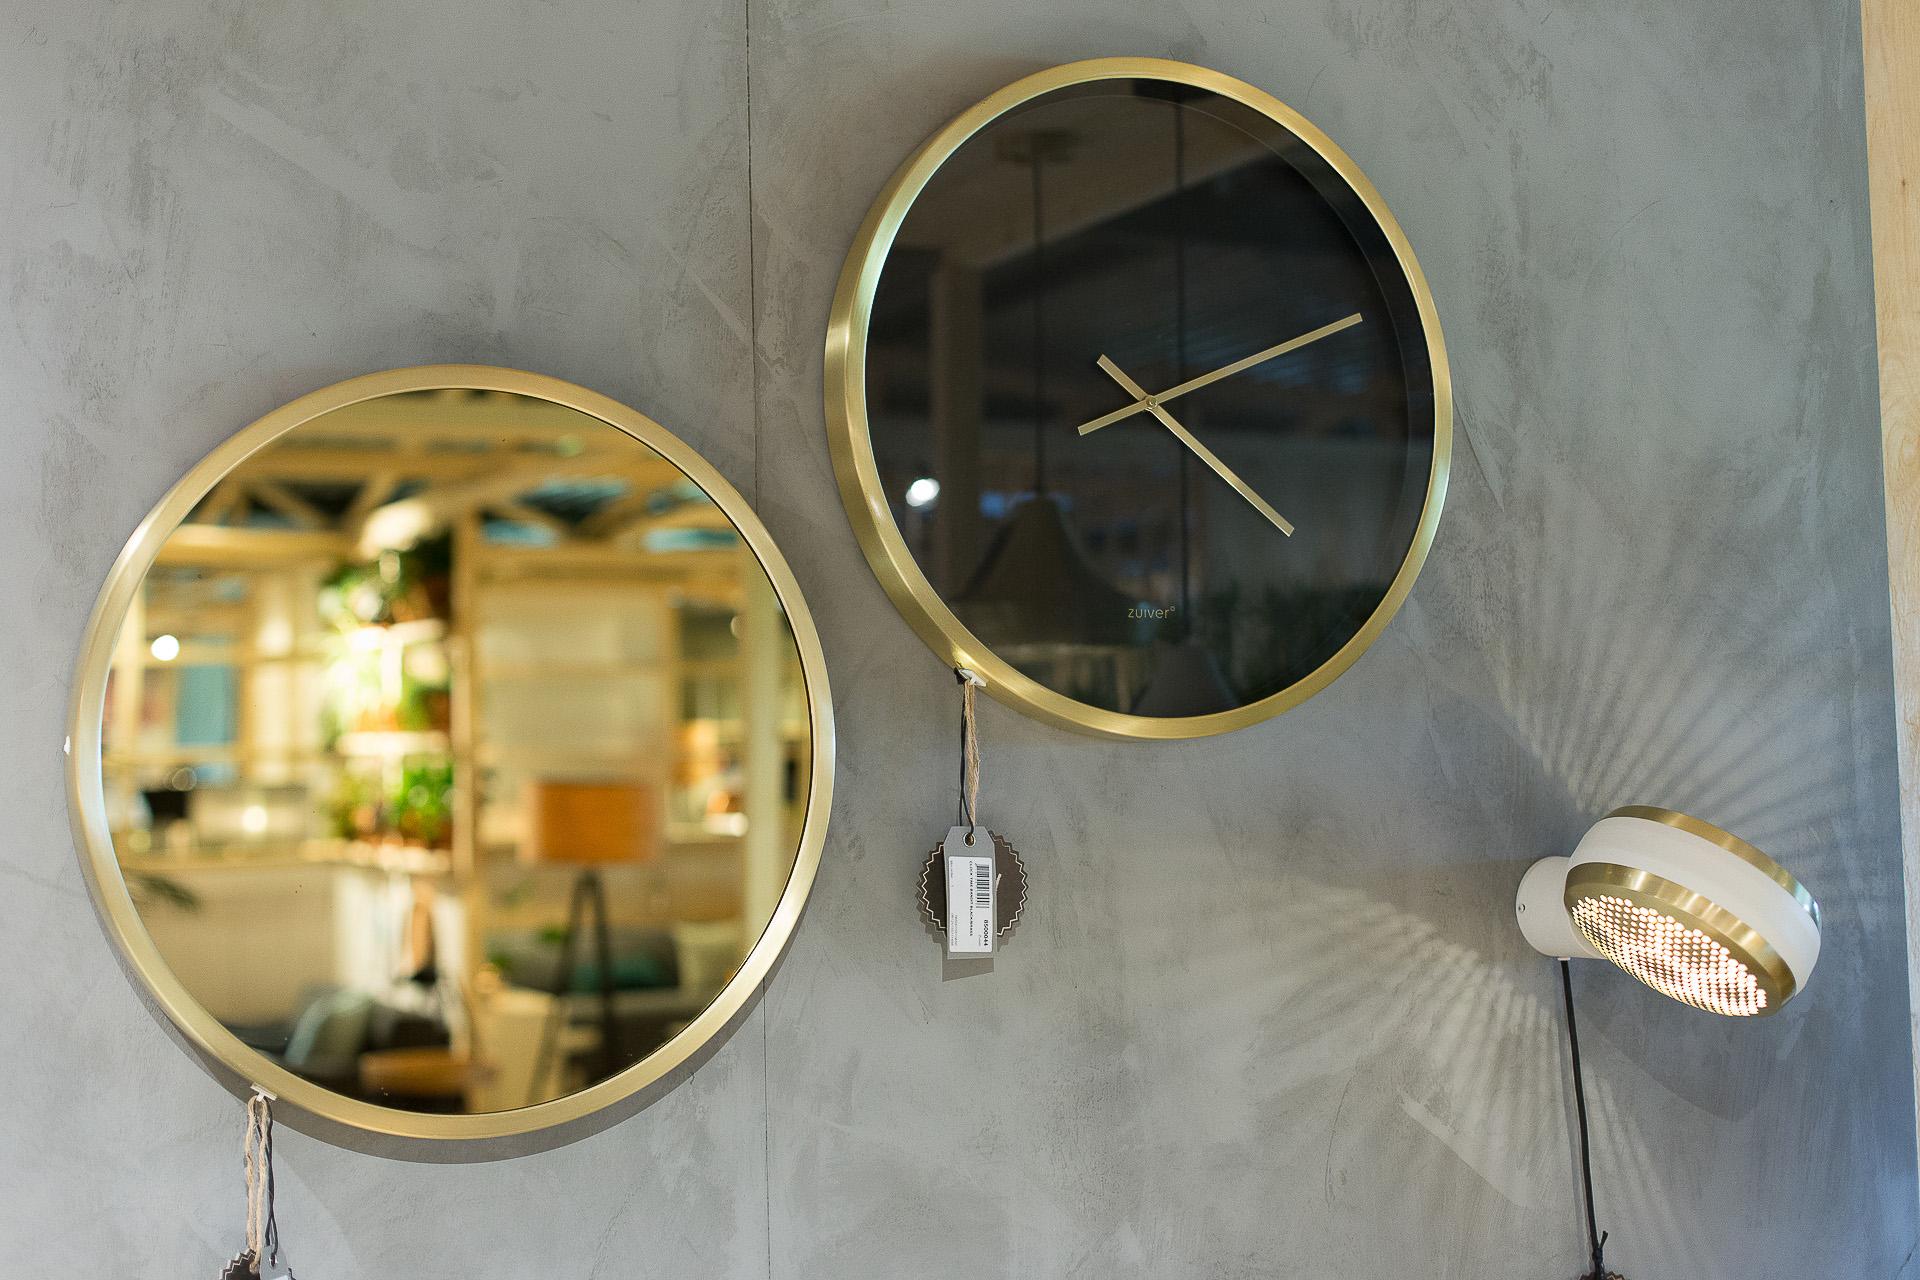 Inneneinrichtung Heidelberg, Mannheim, Stuttgart - Gaffga Interieur Design - Moebel von Zuiver, runder Spiegel und Uhr